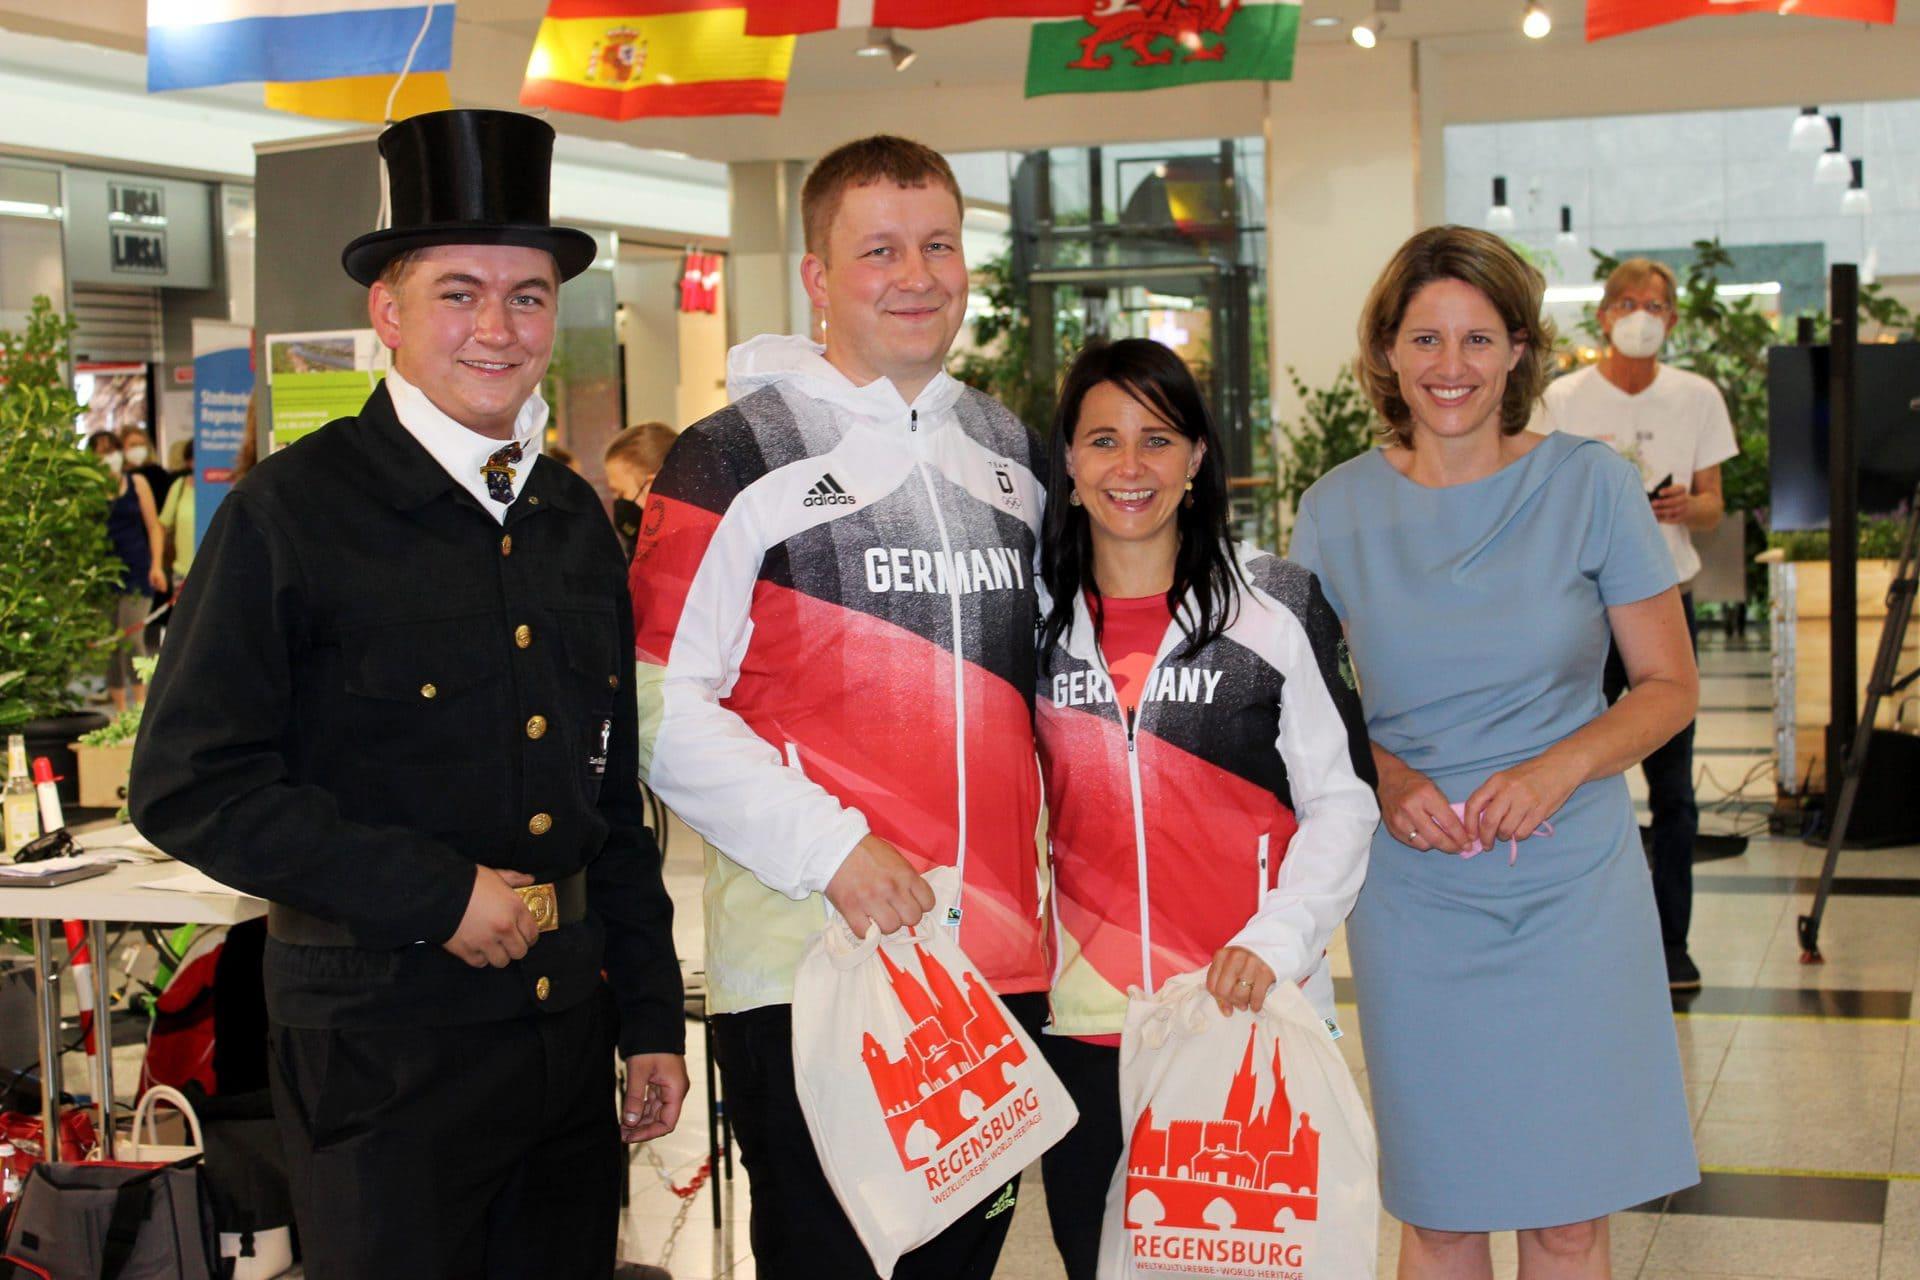 Wir alle wünschen unseren Olympioniken viel Glück in Tokio! Die beiden Regensburger Sportschützen Monika Karsch und Christian Reitz wurden am Dienstag offiziell von der Stadt verabschiedet